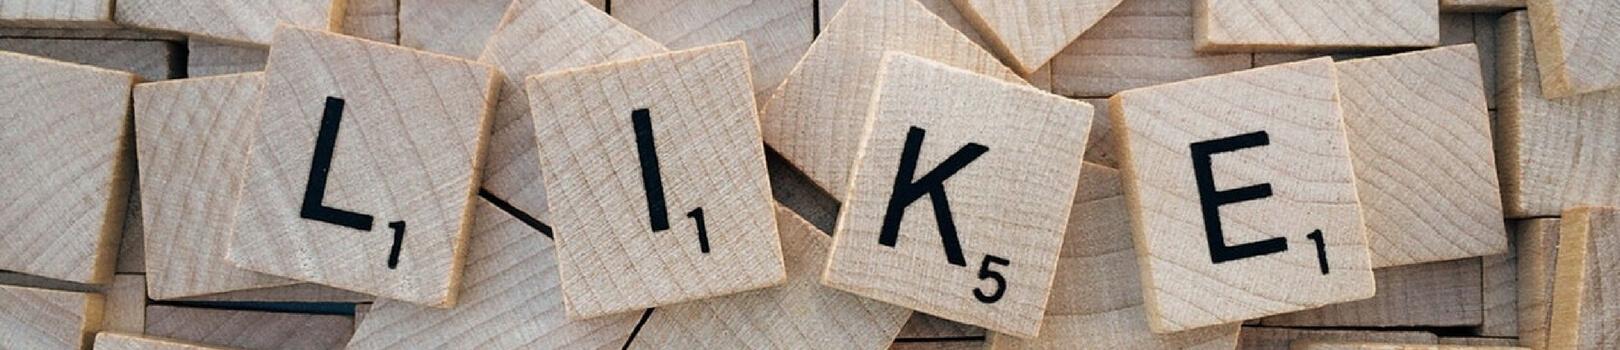 scrabble tiles spelling the word LIKE